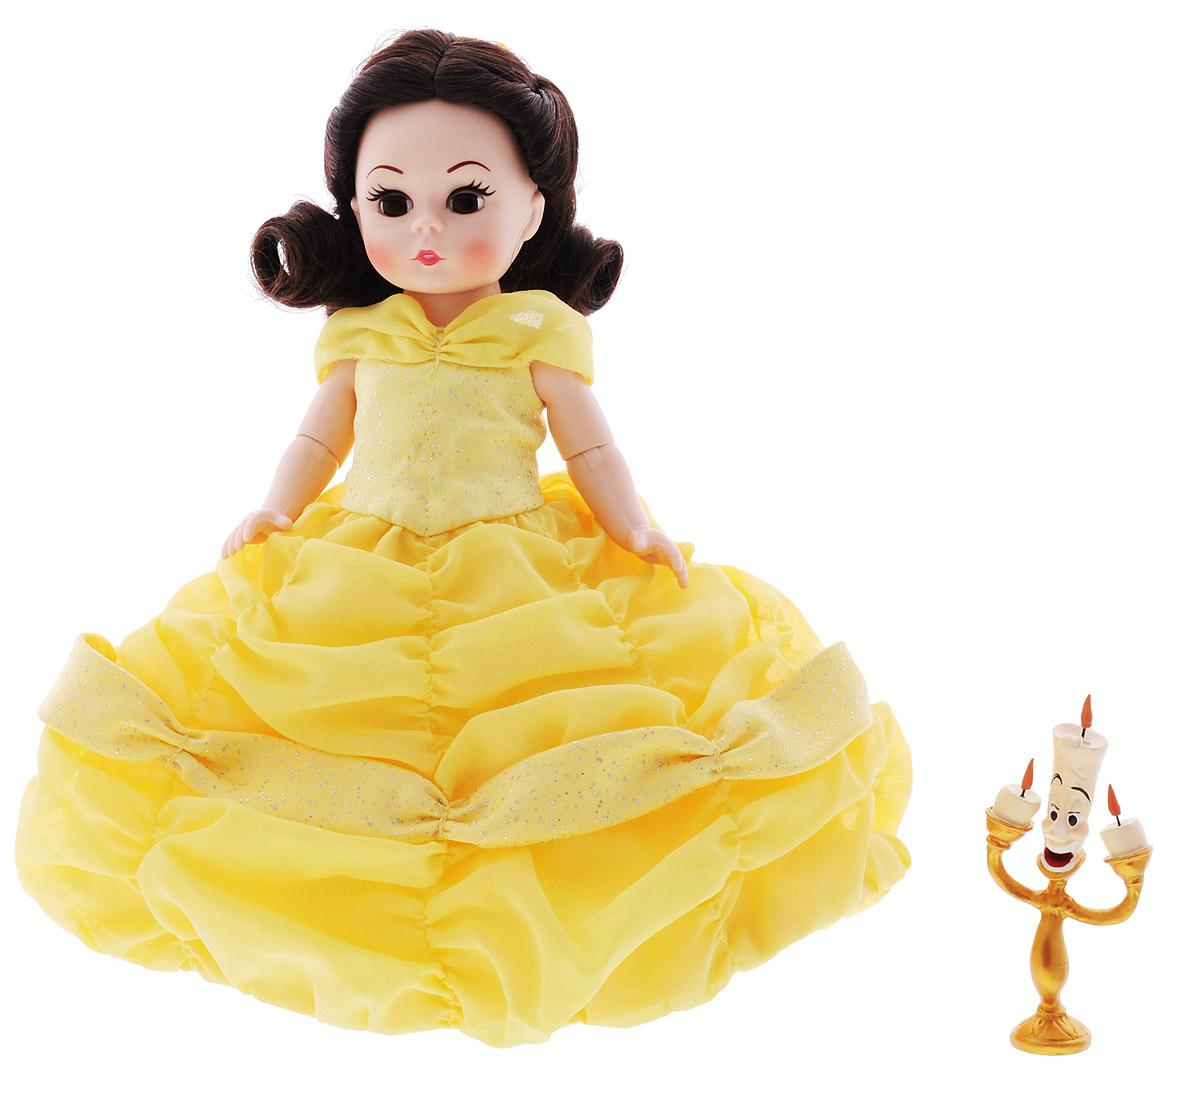 Madame Alexander Мини-кукла Белль64165Мини-кукла Madame Alexander Белль - кареглазая красавица с длинными кудрявыми локонами. Кукла одета в роскошное бальное платье без рукавов, корсет украшен желтым шифоном, пышная каскадная юбка драпирована желтым шифоном на белой тюли и блестящим сатином, подъюбник из тафты и прозрачные колготки. Волосы украшены желтой ленточкой. Сопровождает Белль ее хороший друг подсвечник - Люмьер. Руки, ноги и голова куклы подвижны. Реалистичные глазки куклы закрываются, если положить ее на спину. Мини-кукла Madame Alexander Белль станет прекрасным украшением любой коллекции.